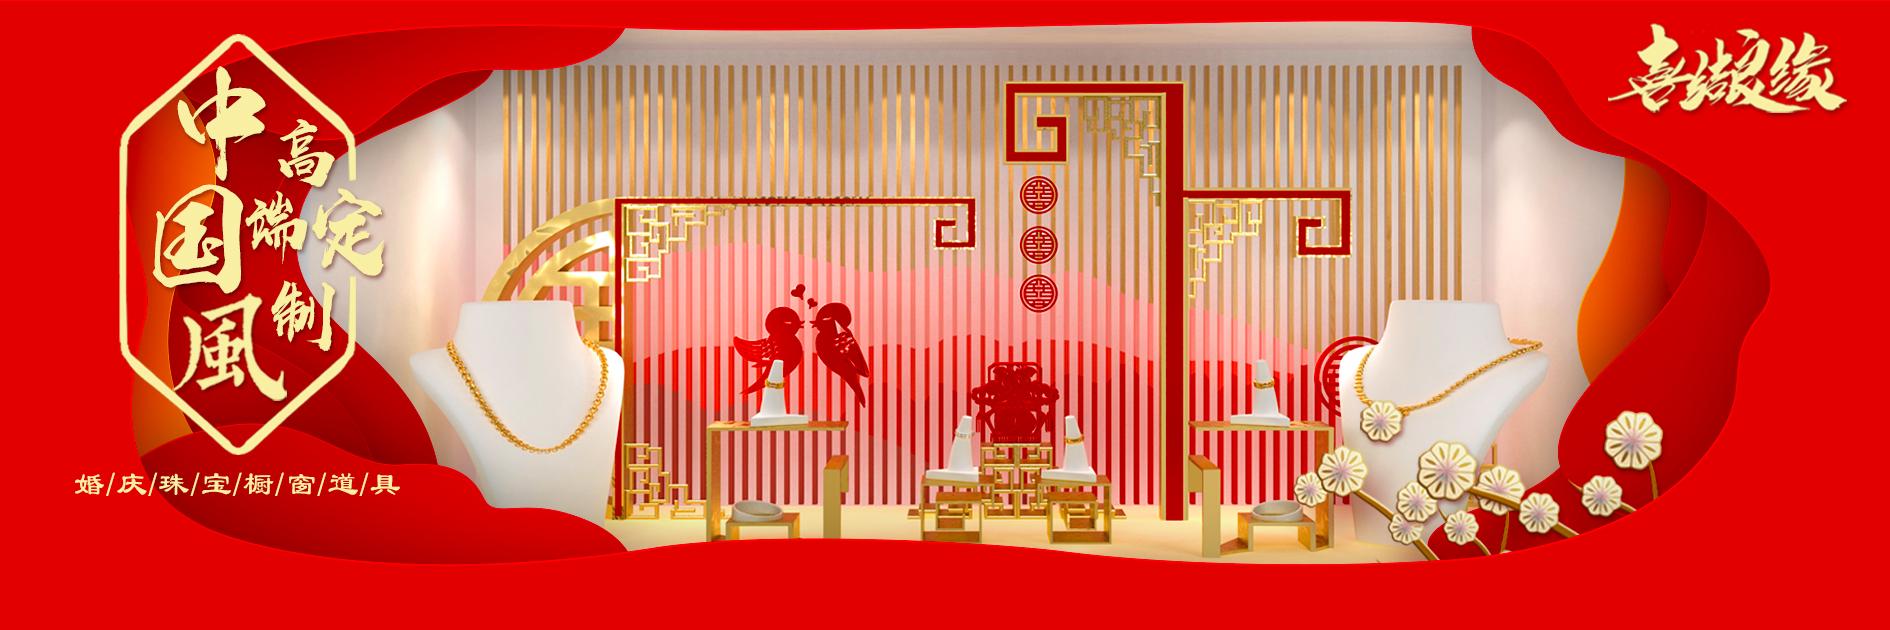 中国风婚庆珠宝橱窗道具